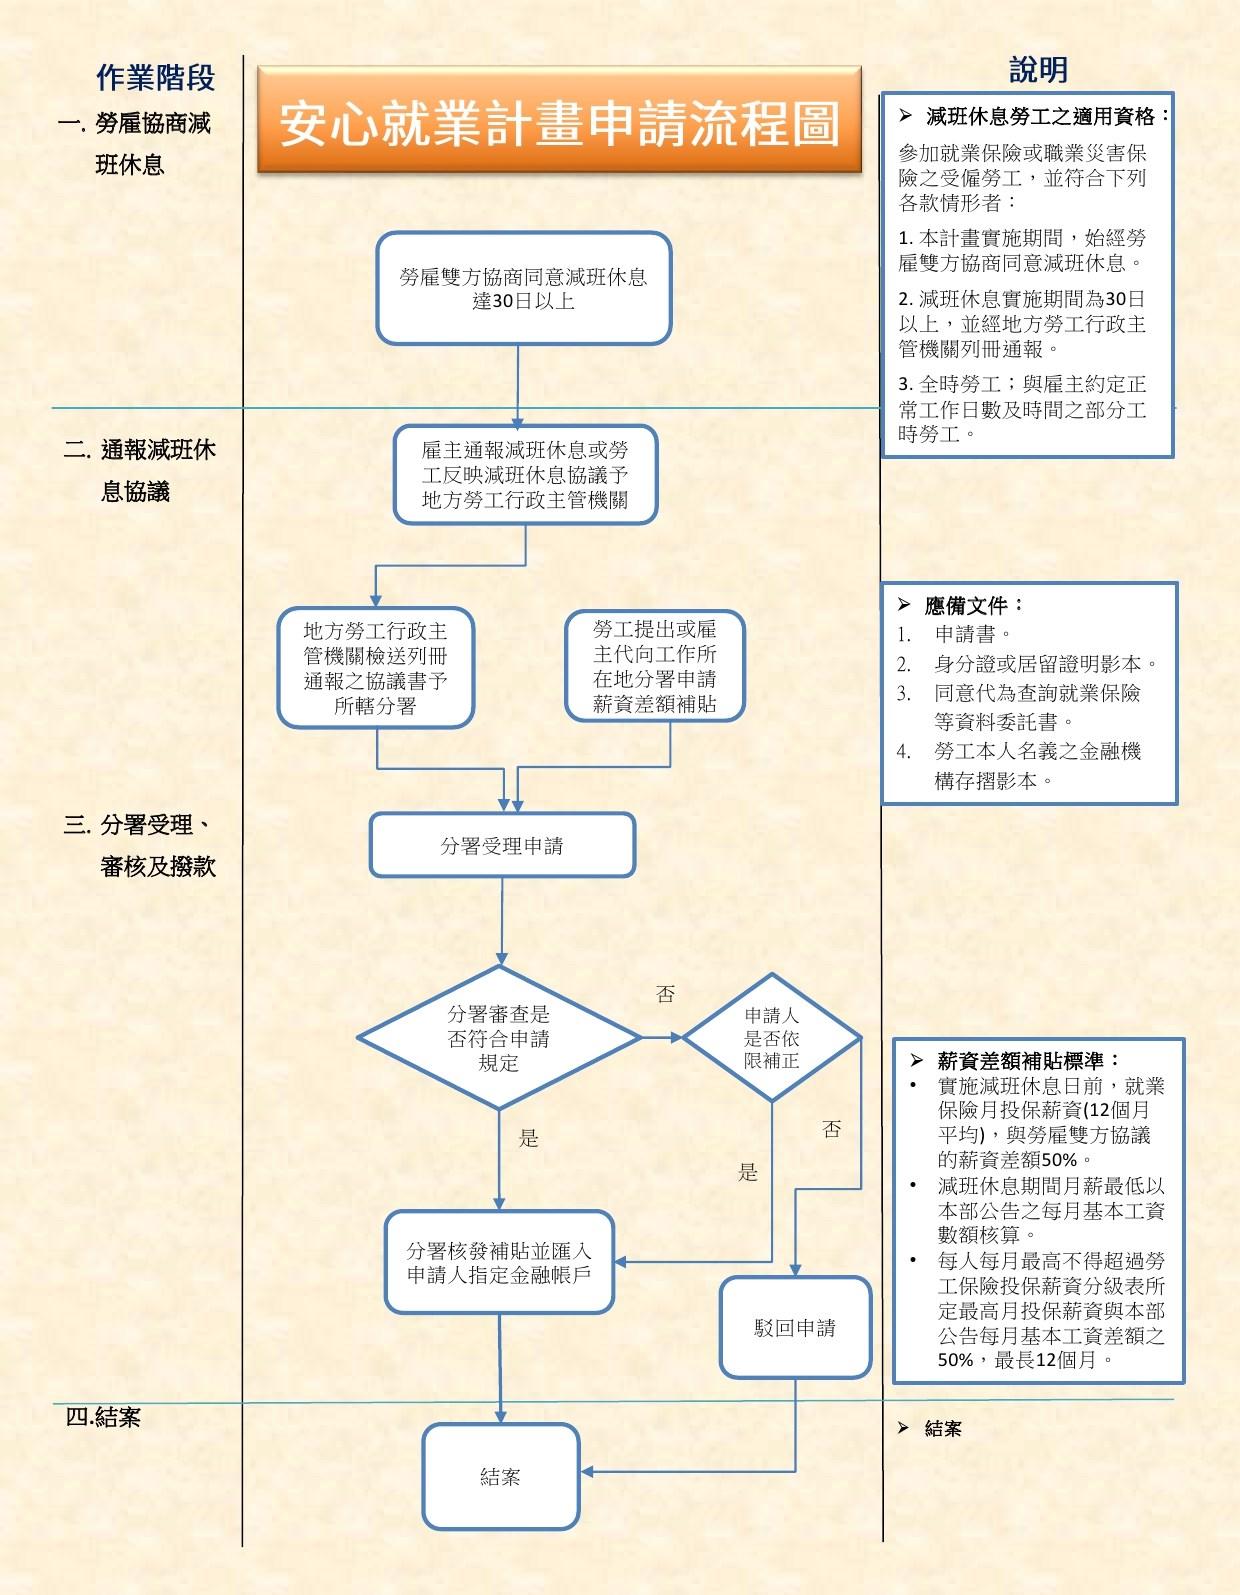 安心就業計畫流程圖